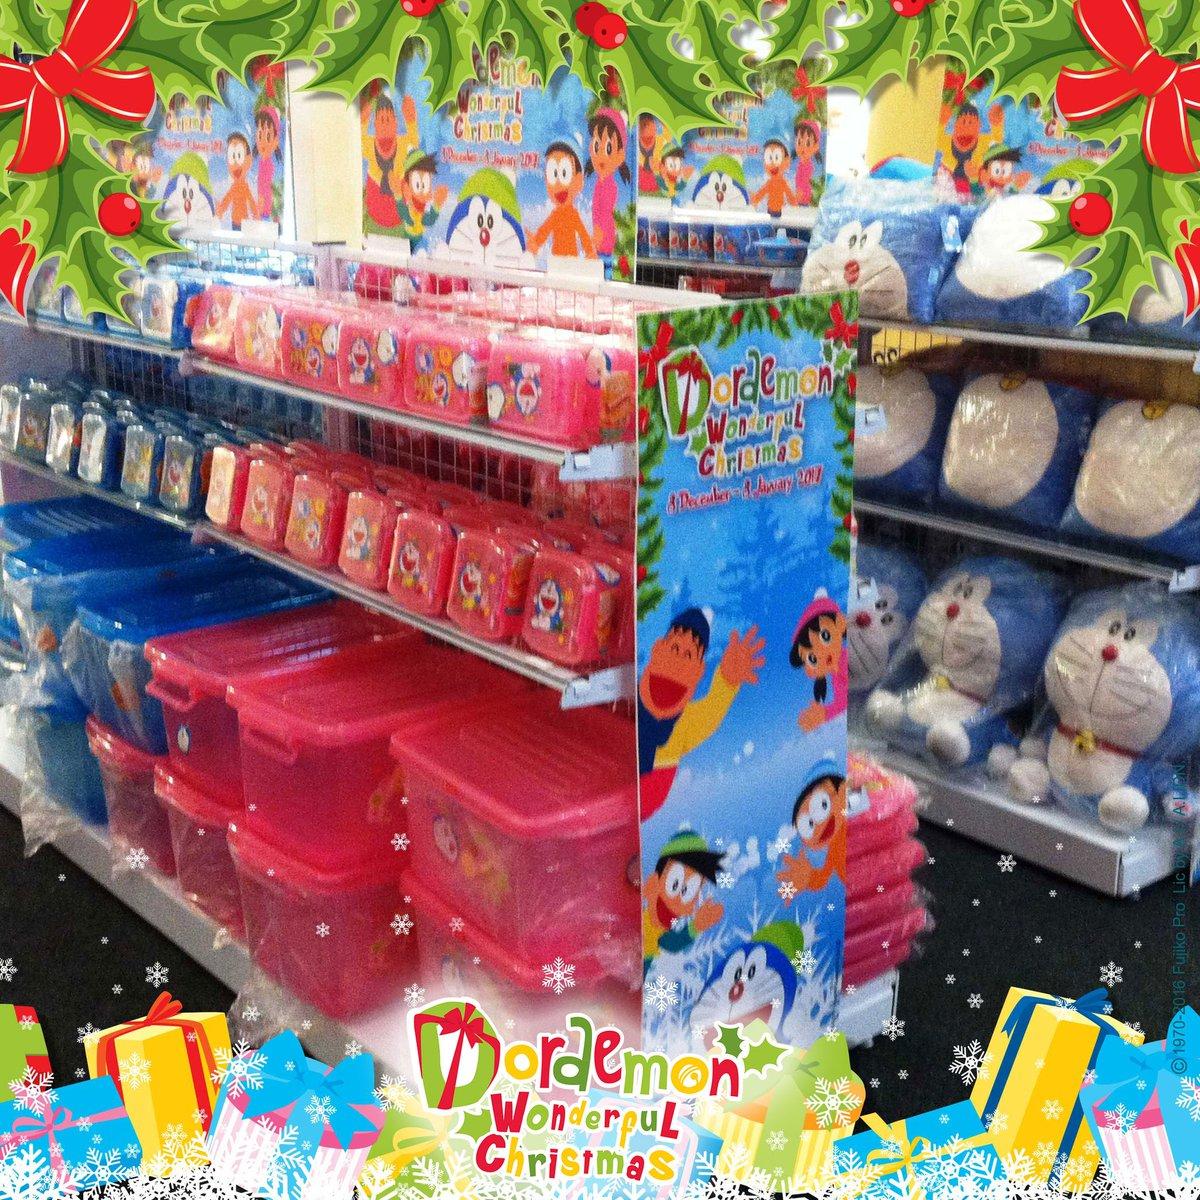 Berbagai merchandise menarik dengan tema Doraemon tersedia di Doraemon Retail Area.  Hari ini terakhir!  #ILoveDoraemon #DoraemonIndonesia https://t.co/xTv4cXreXj